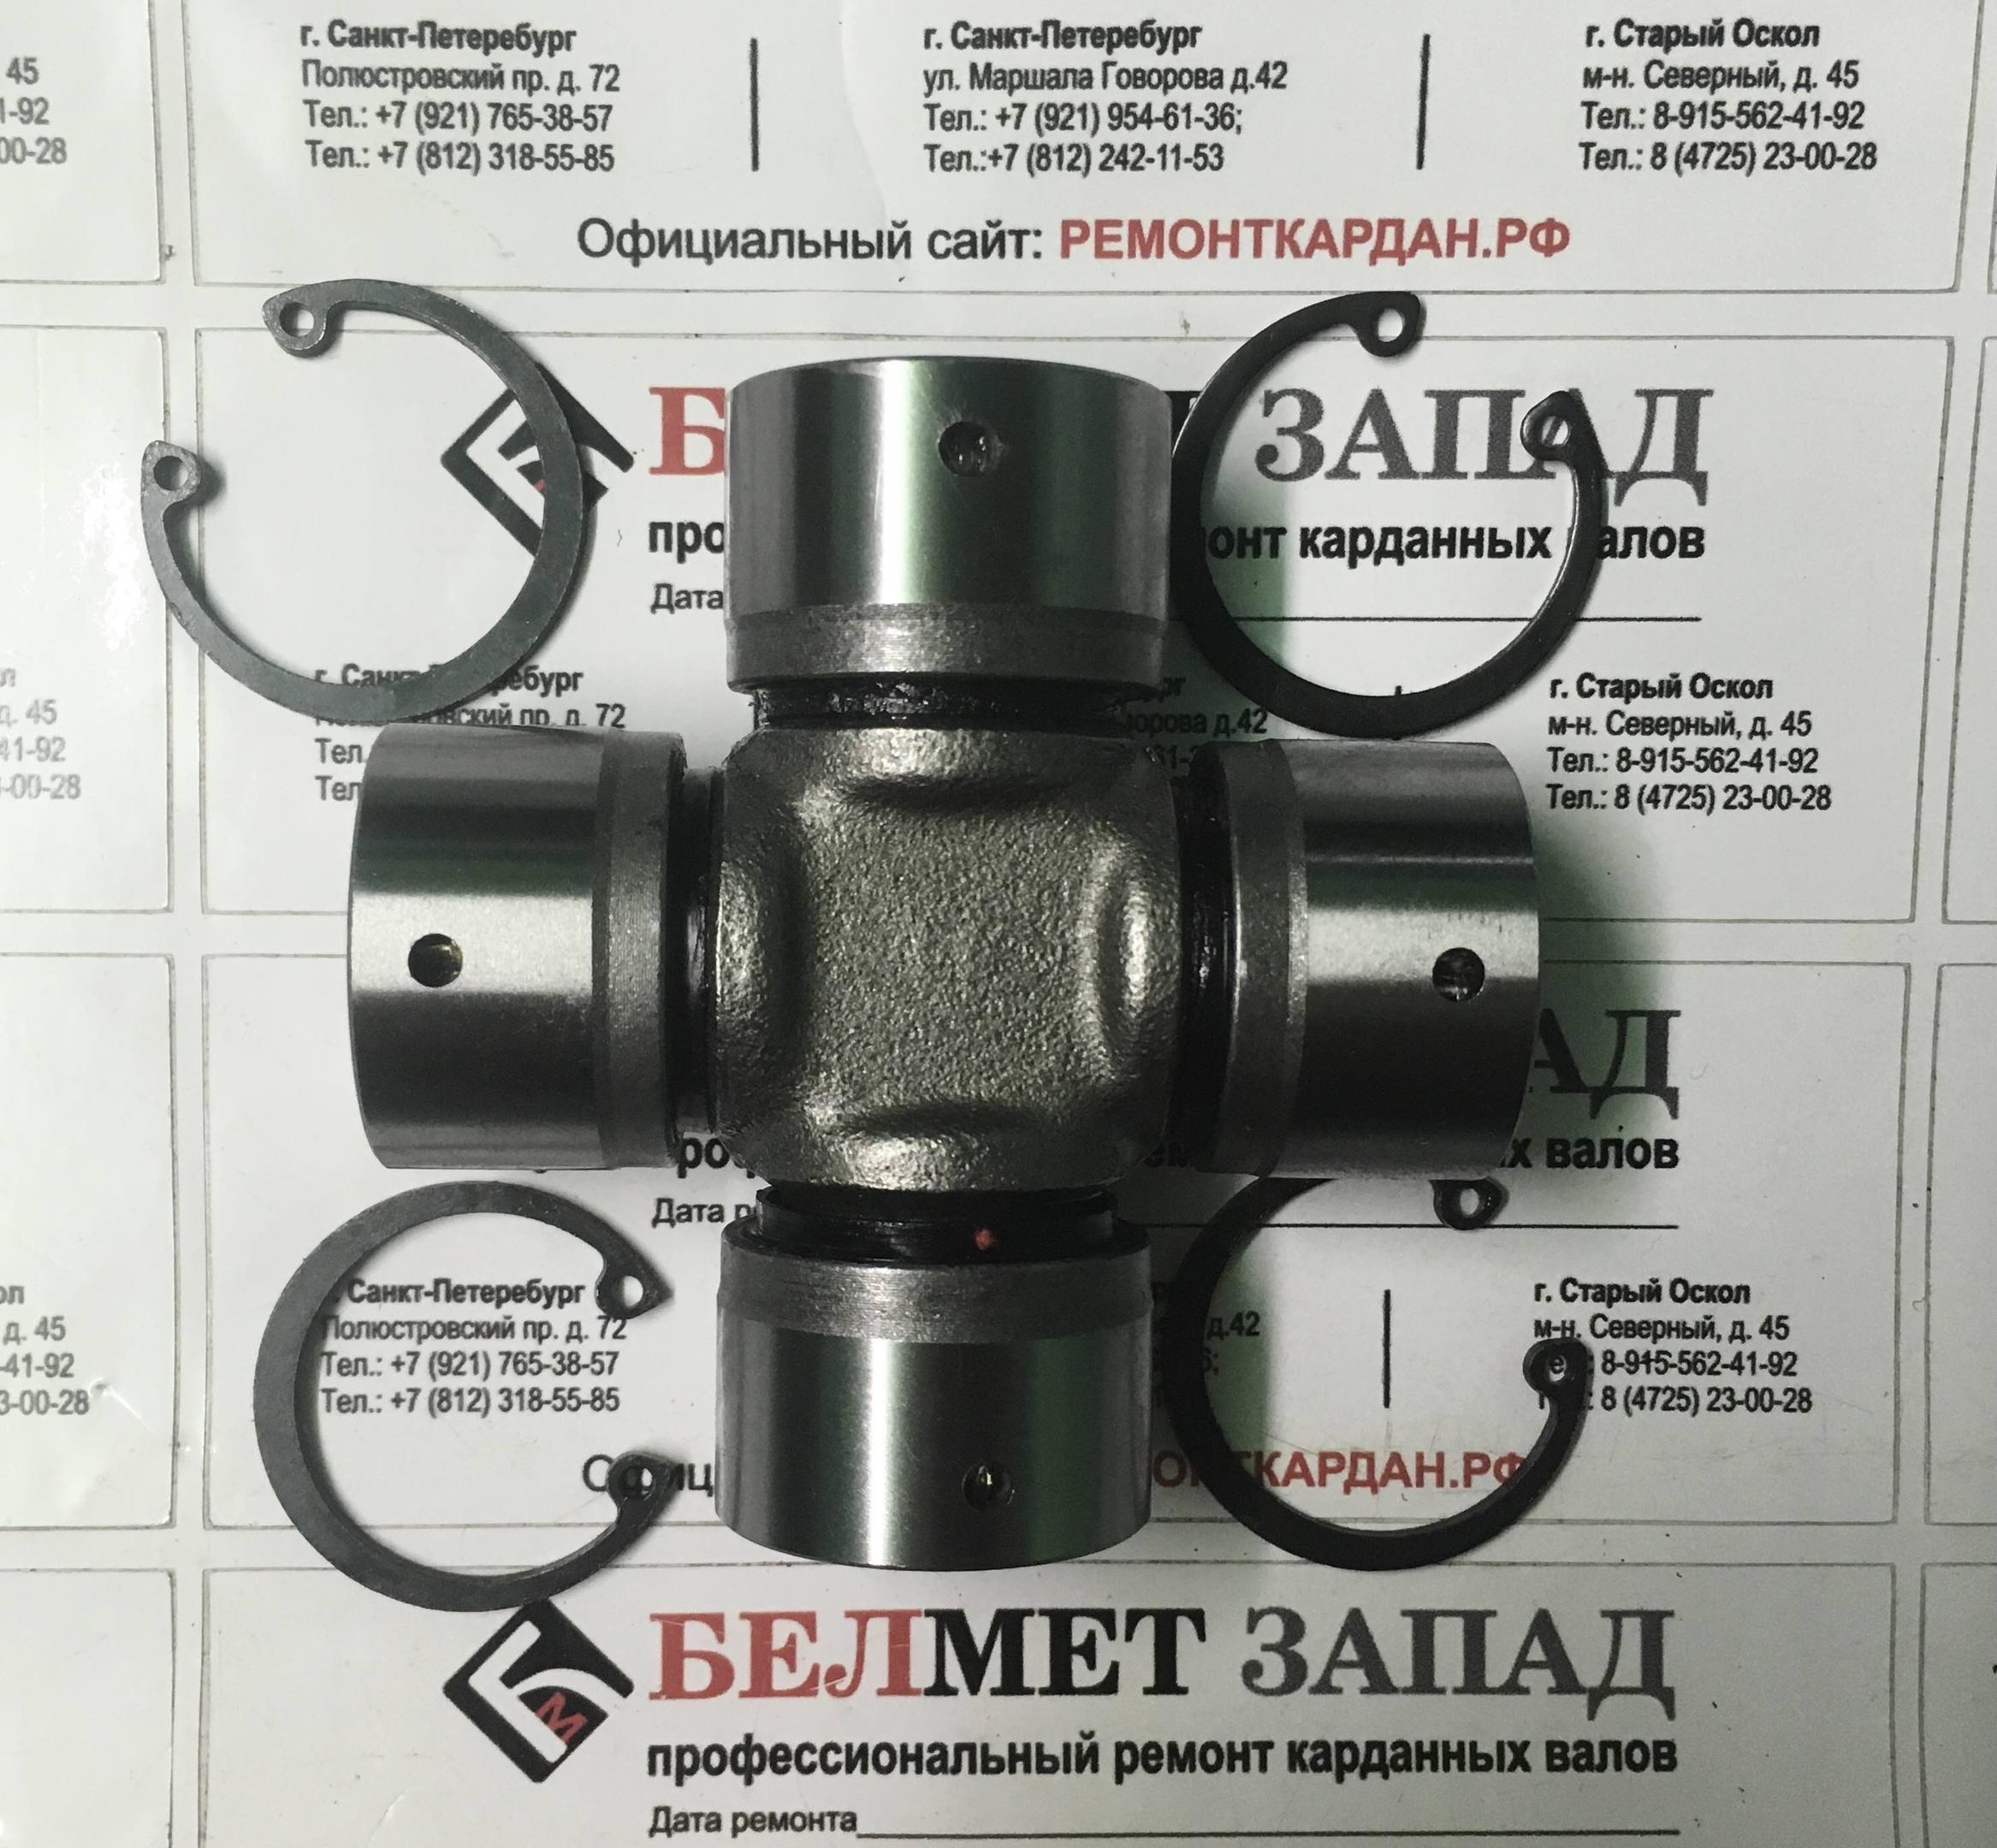 Крестовина карданного вала 28,5*71 UJ2871